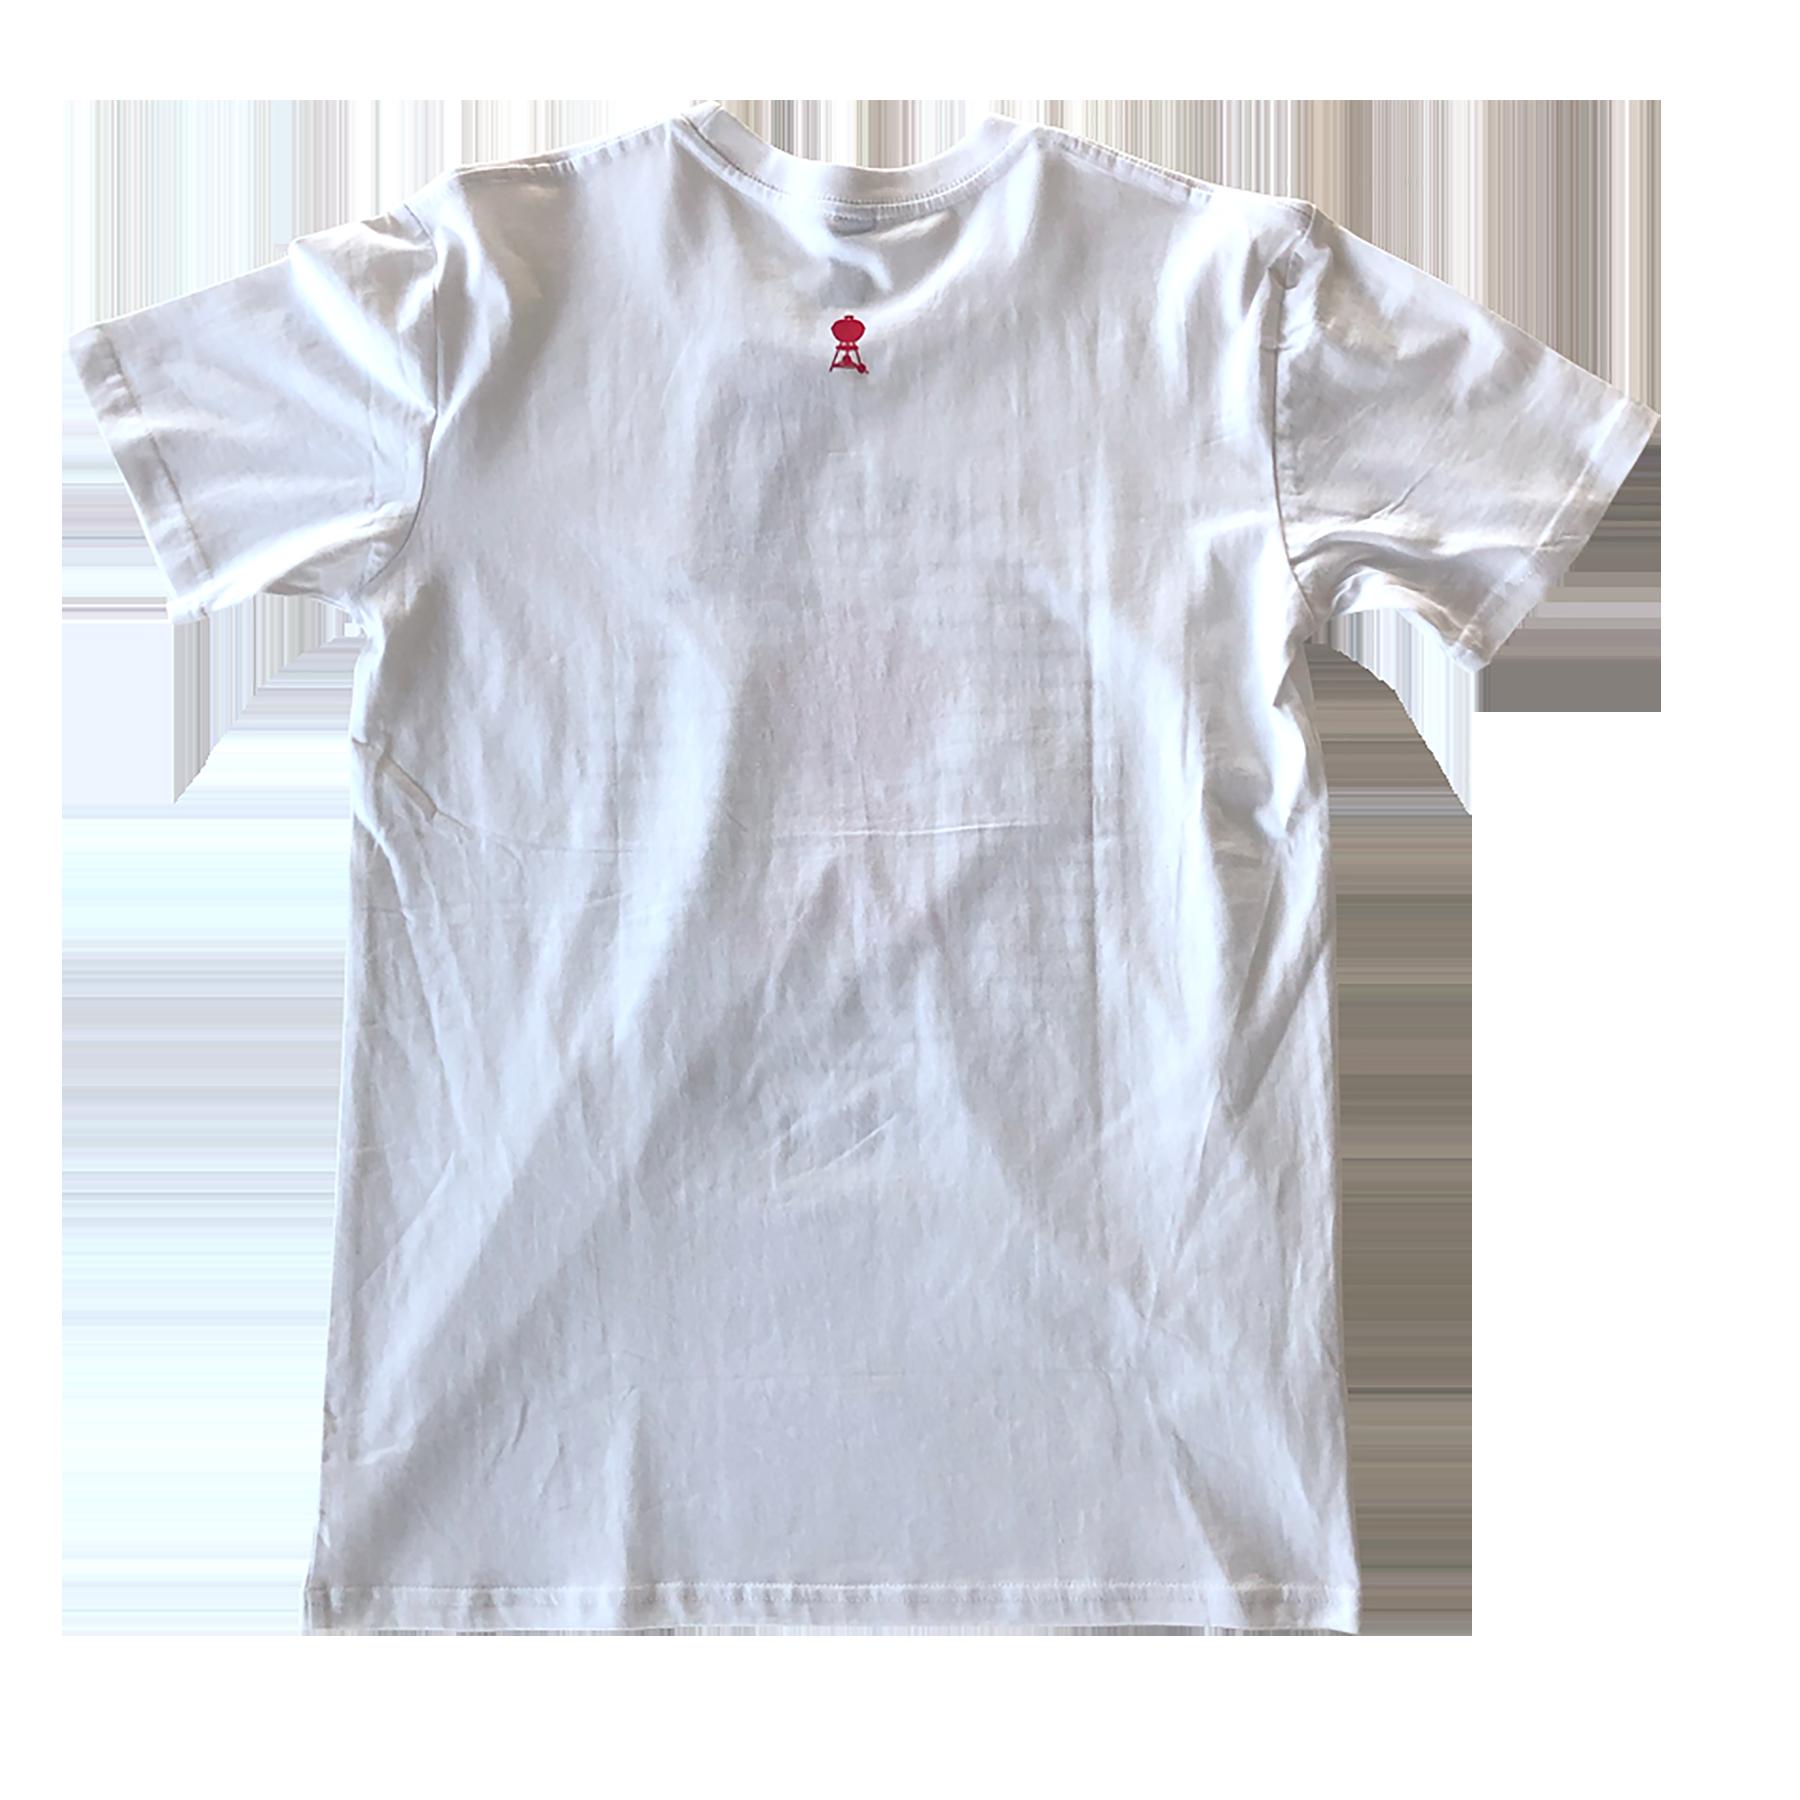 18059-Retro-t-shirt-white-back-_1800-x-18000